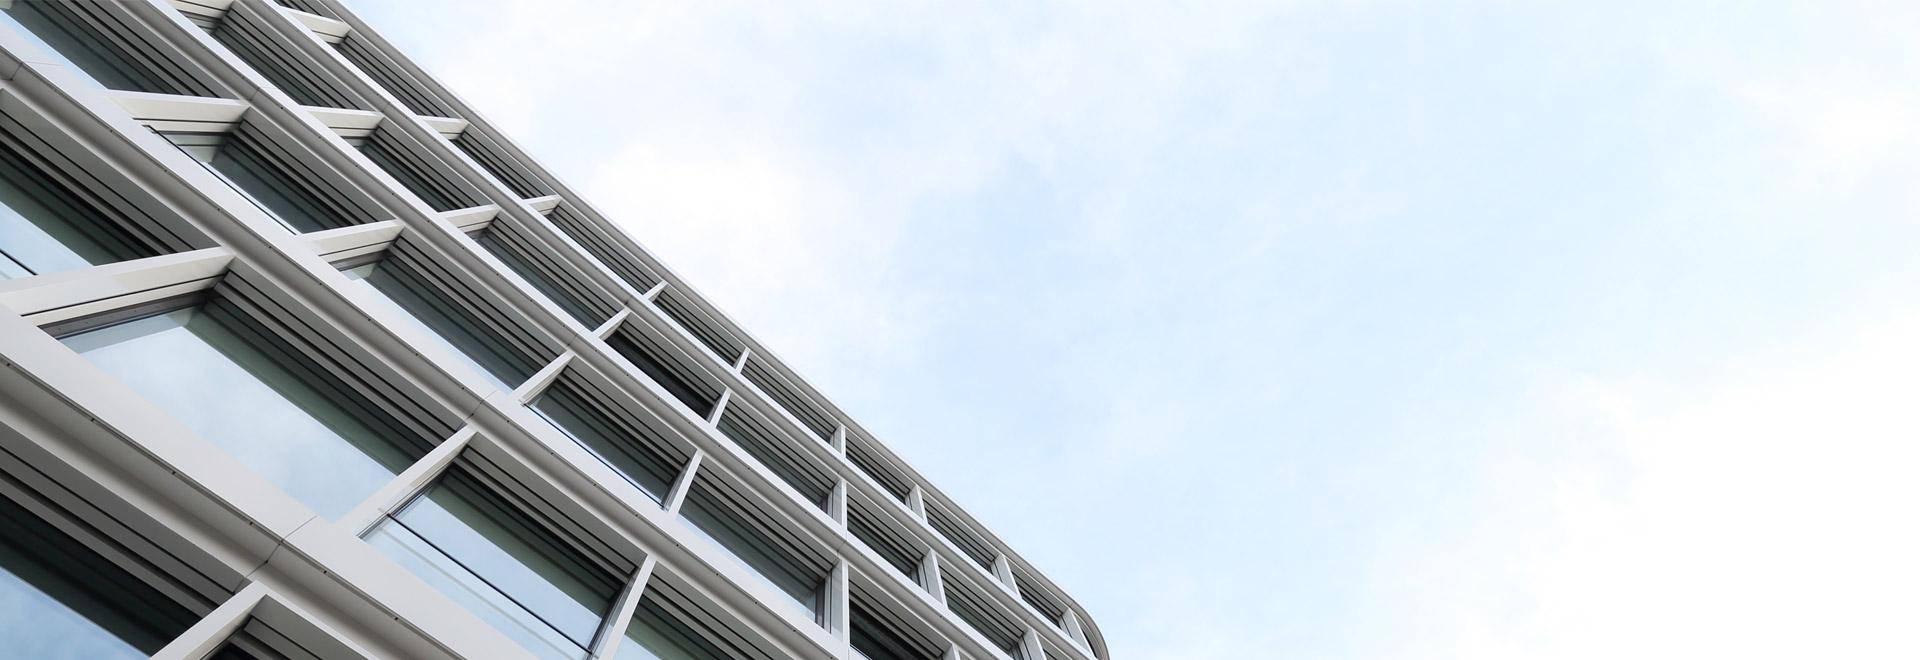 Duraflon-Referenz Baltic Haus Hamburg von GRS Reimer Architekten